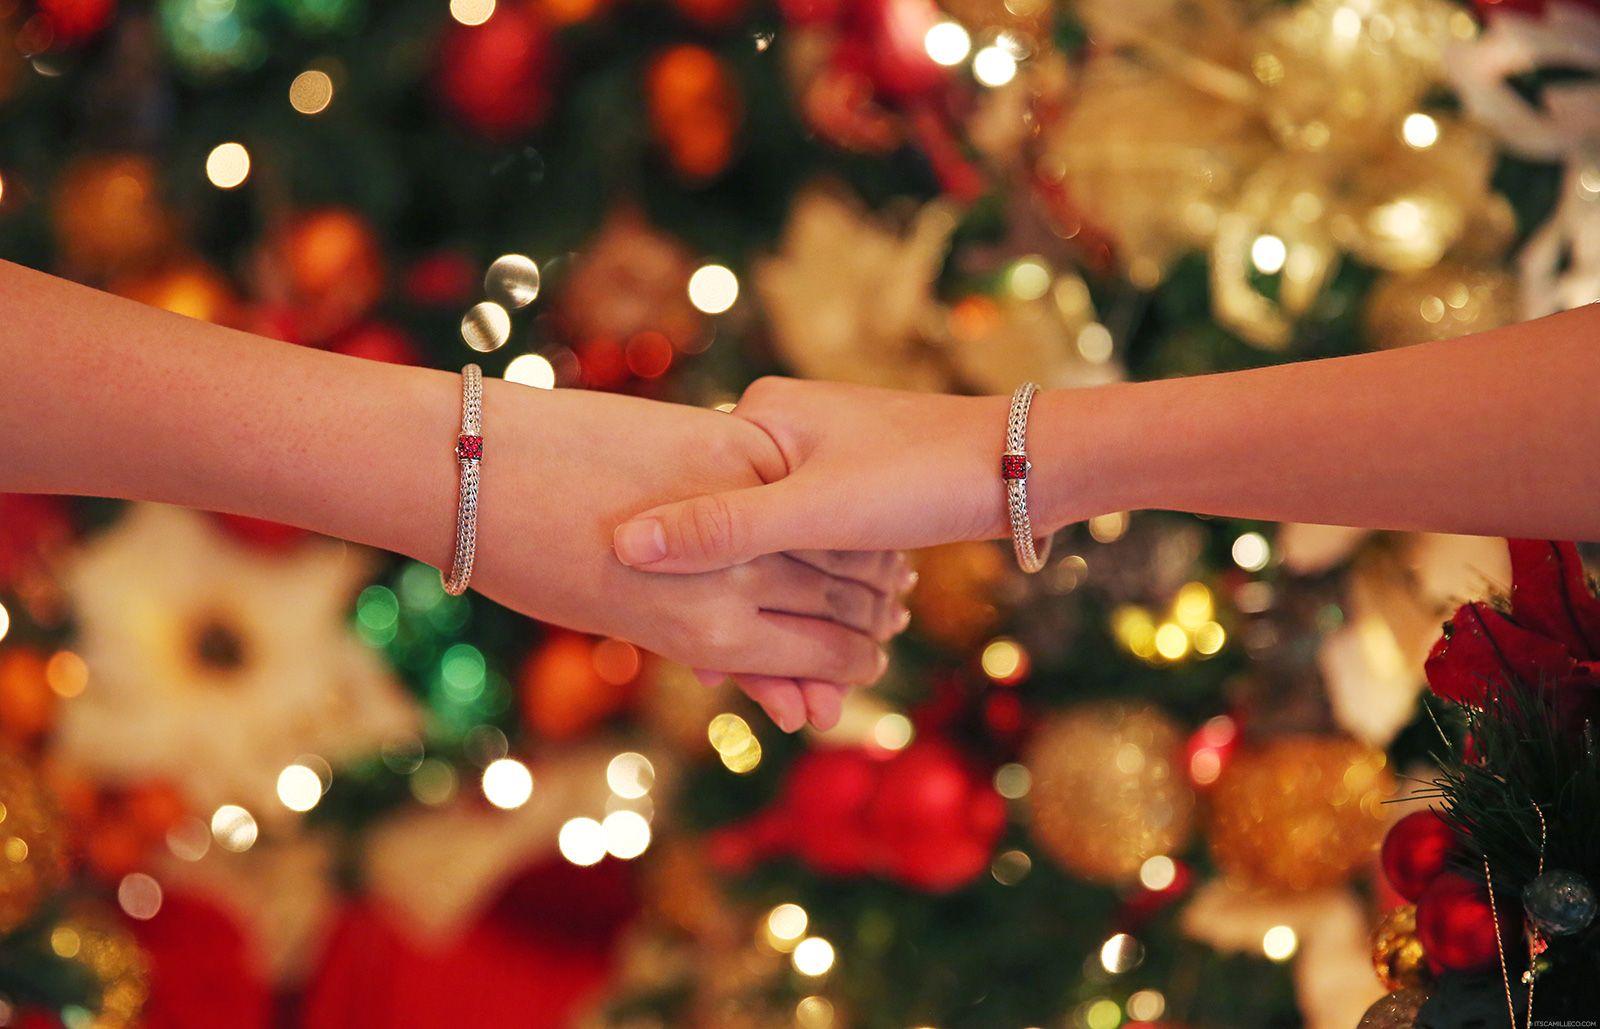 John Hardy Classic Chain Bracelet | www.itscamilleco.com